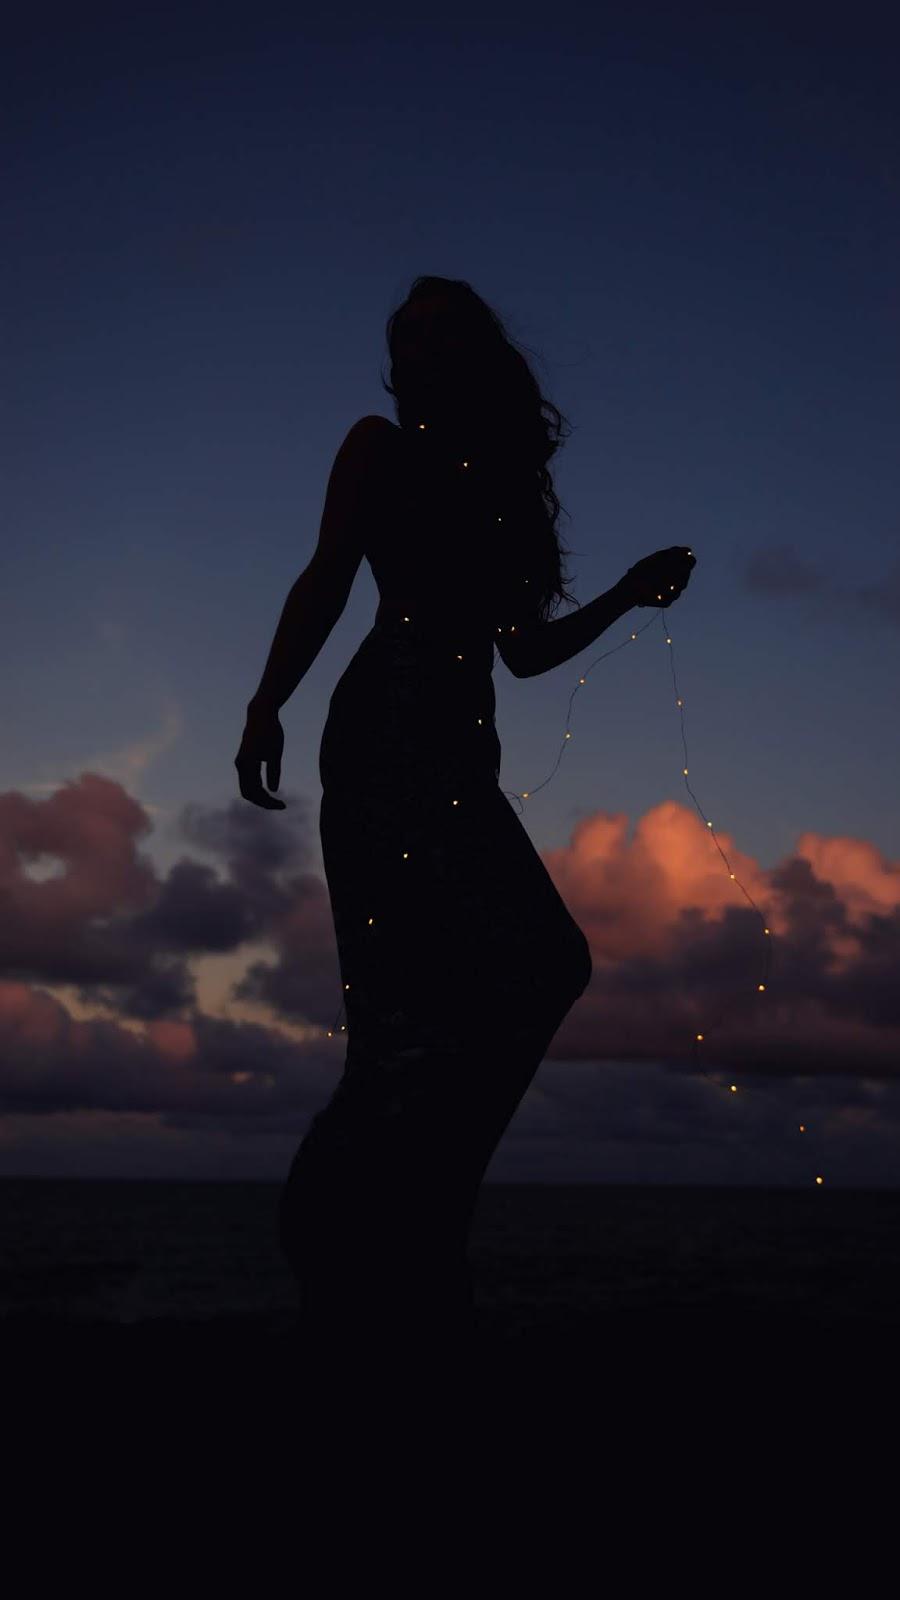 Silhouette of Dancing Woman by lelesfoto